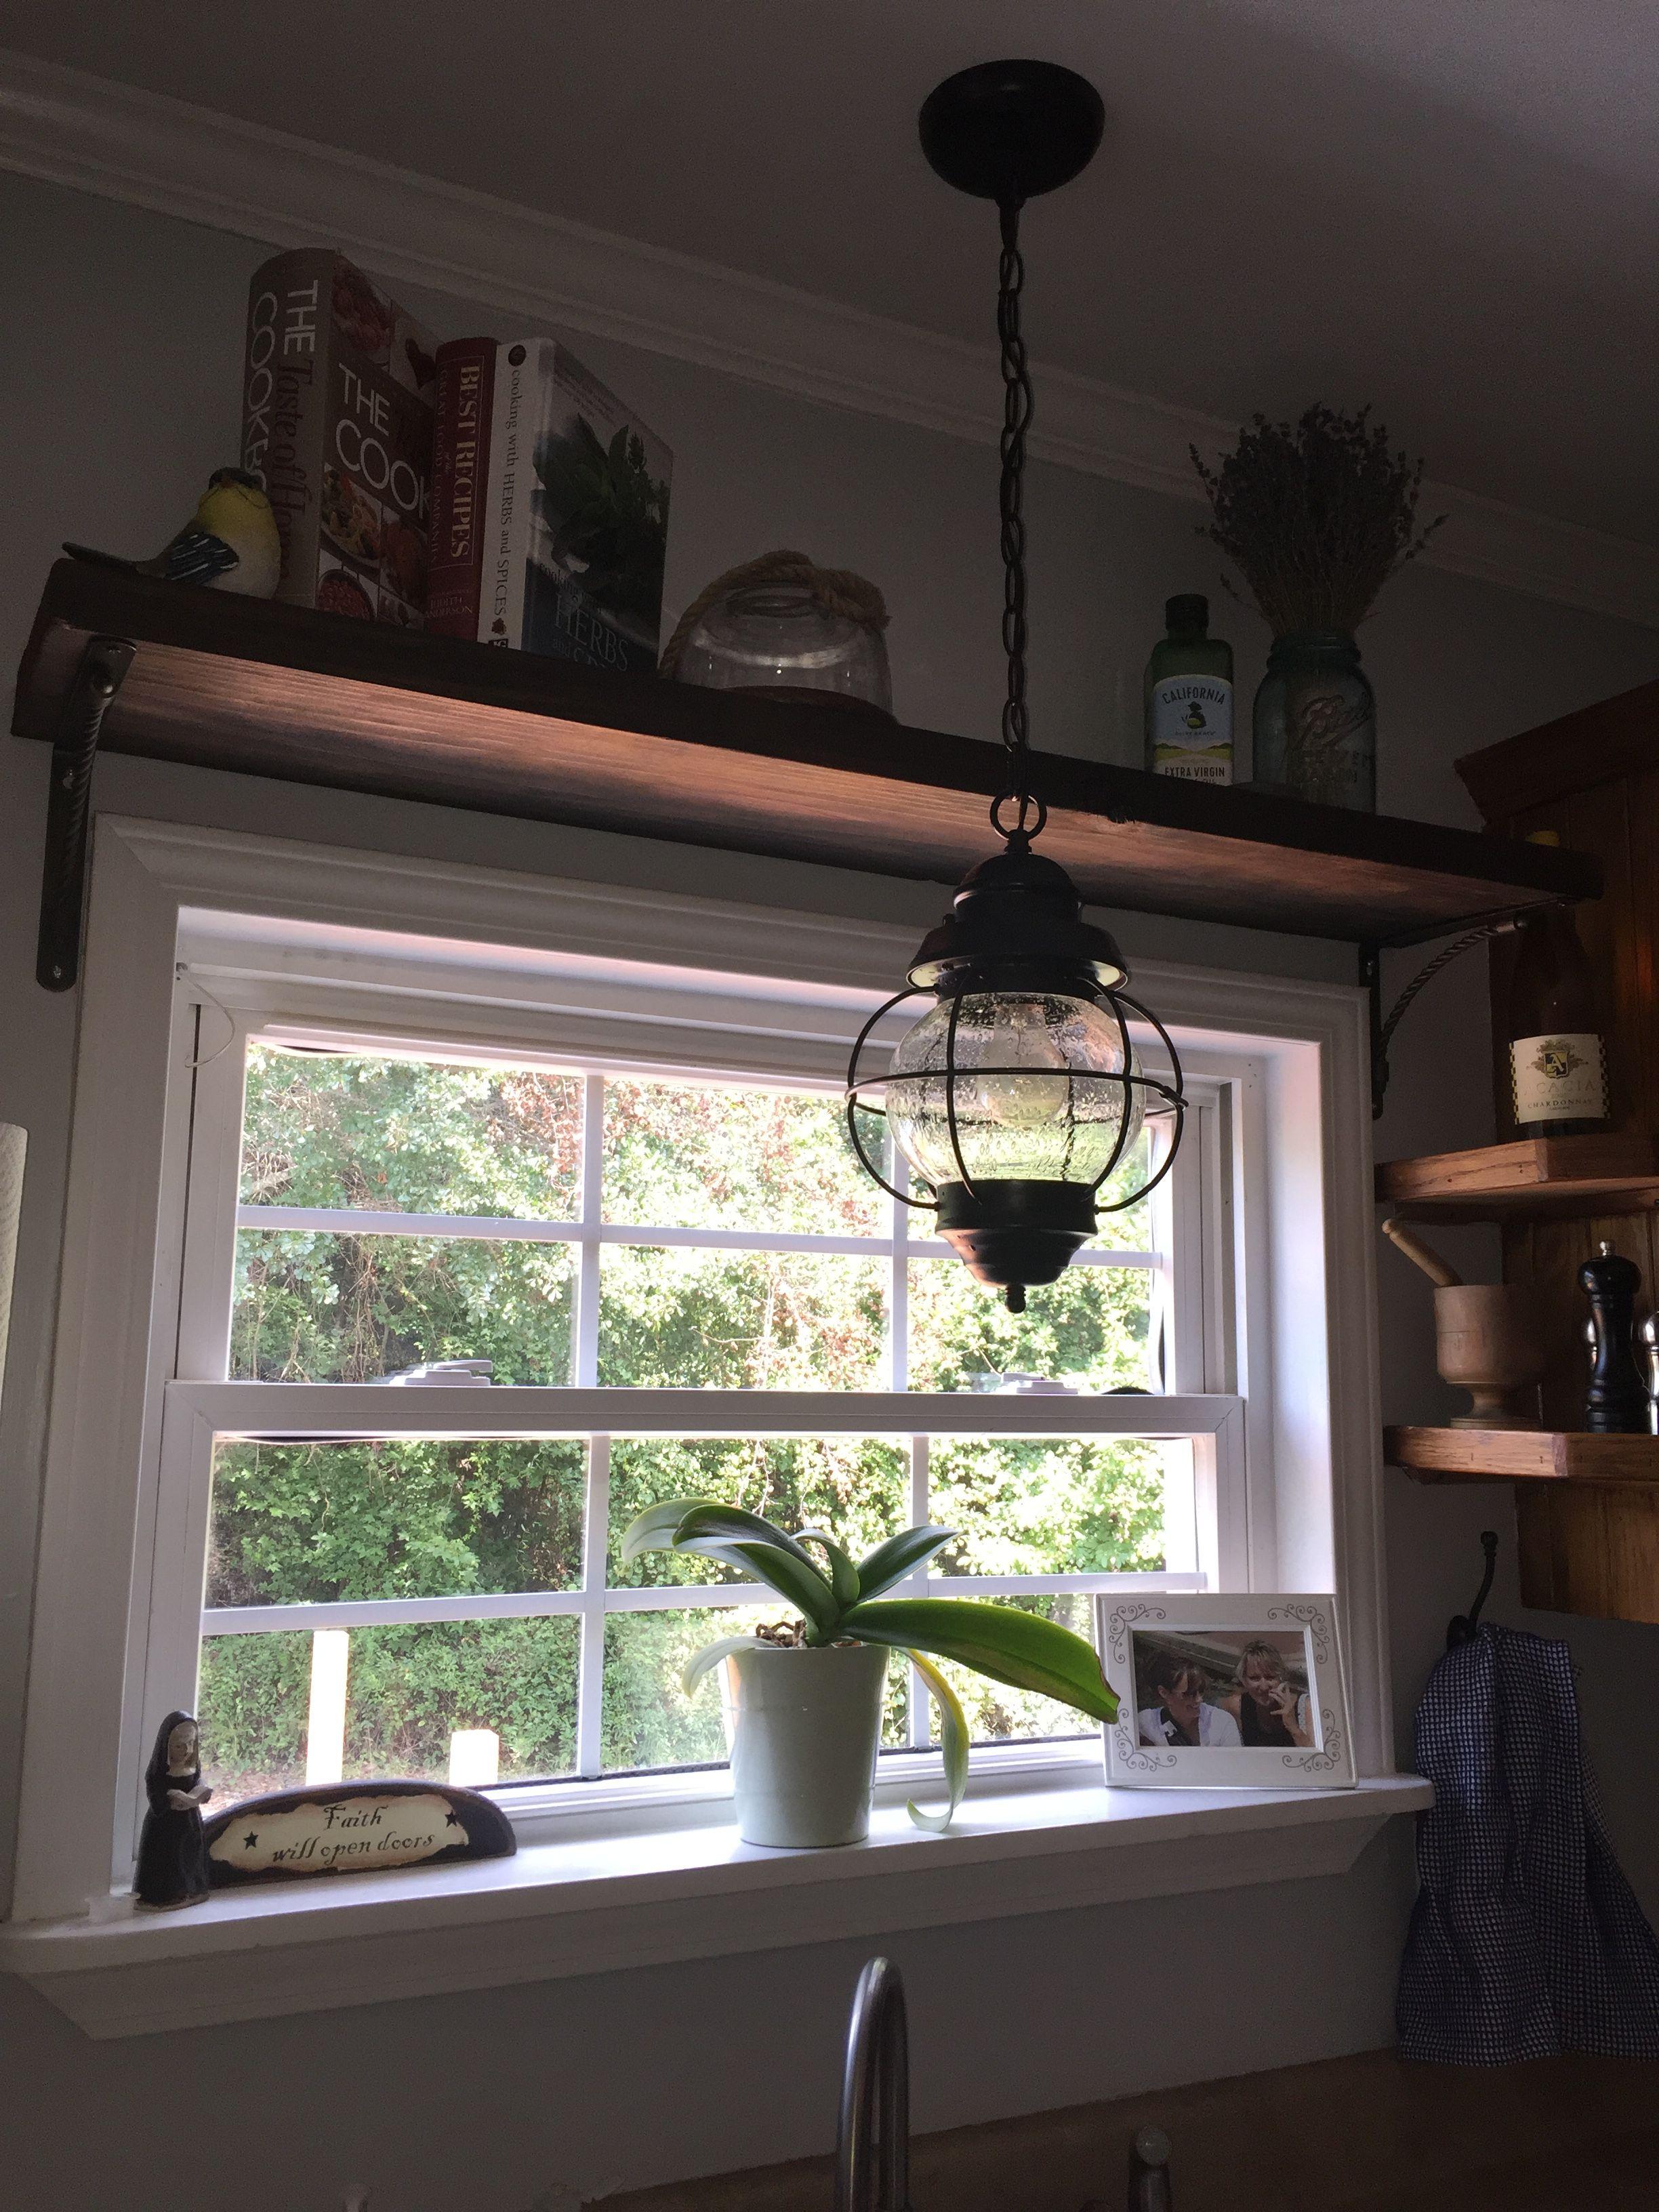 Window above kitchen sink  shelf above kitchen sink window  kitchens  pinterest  kitchen